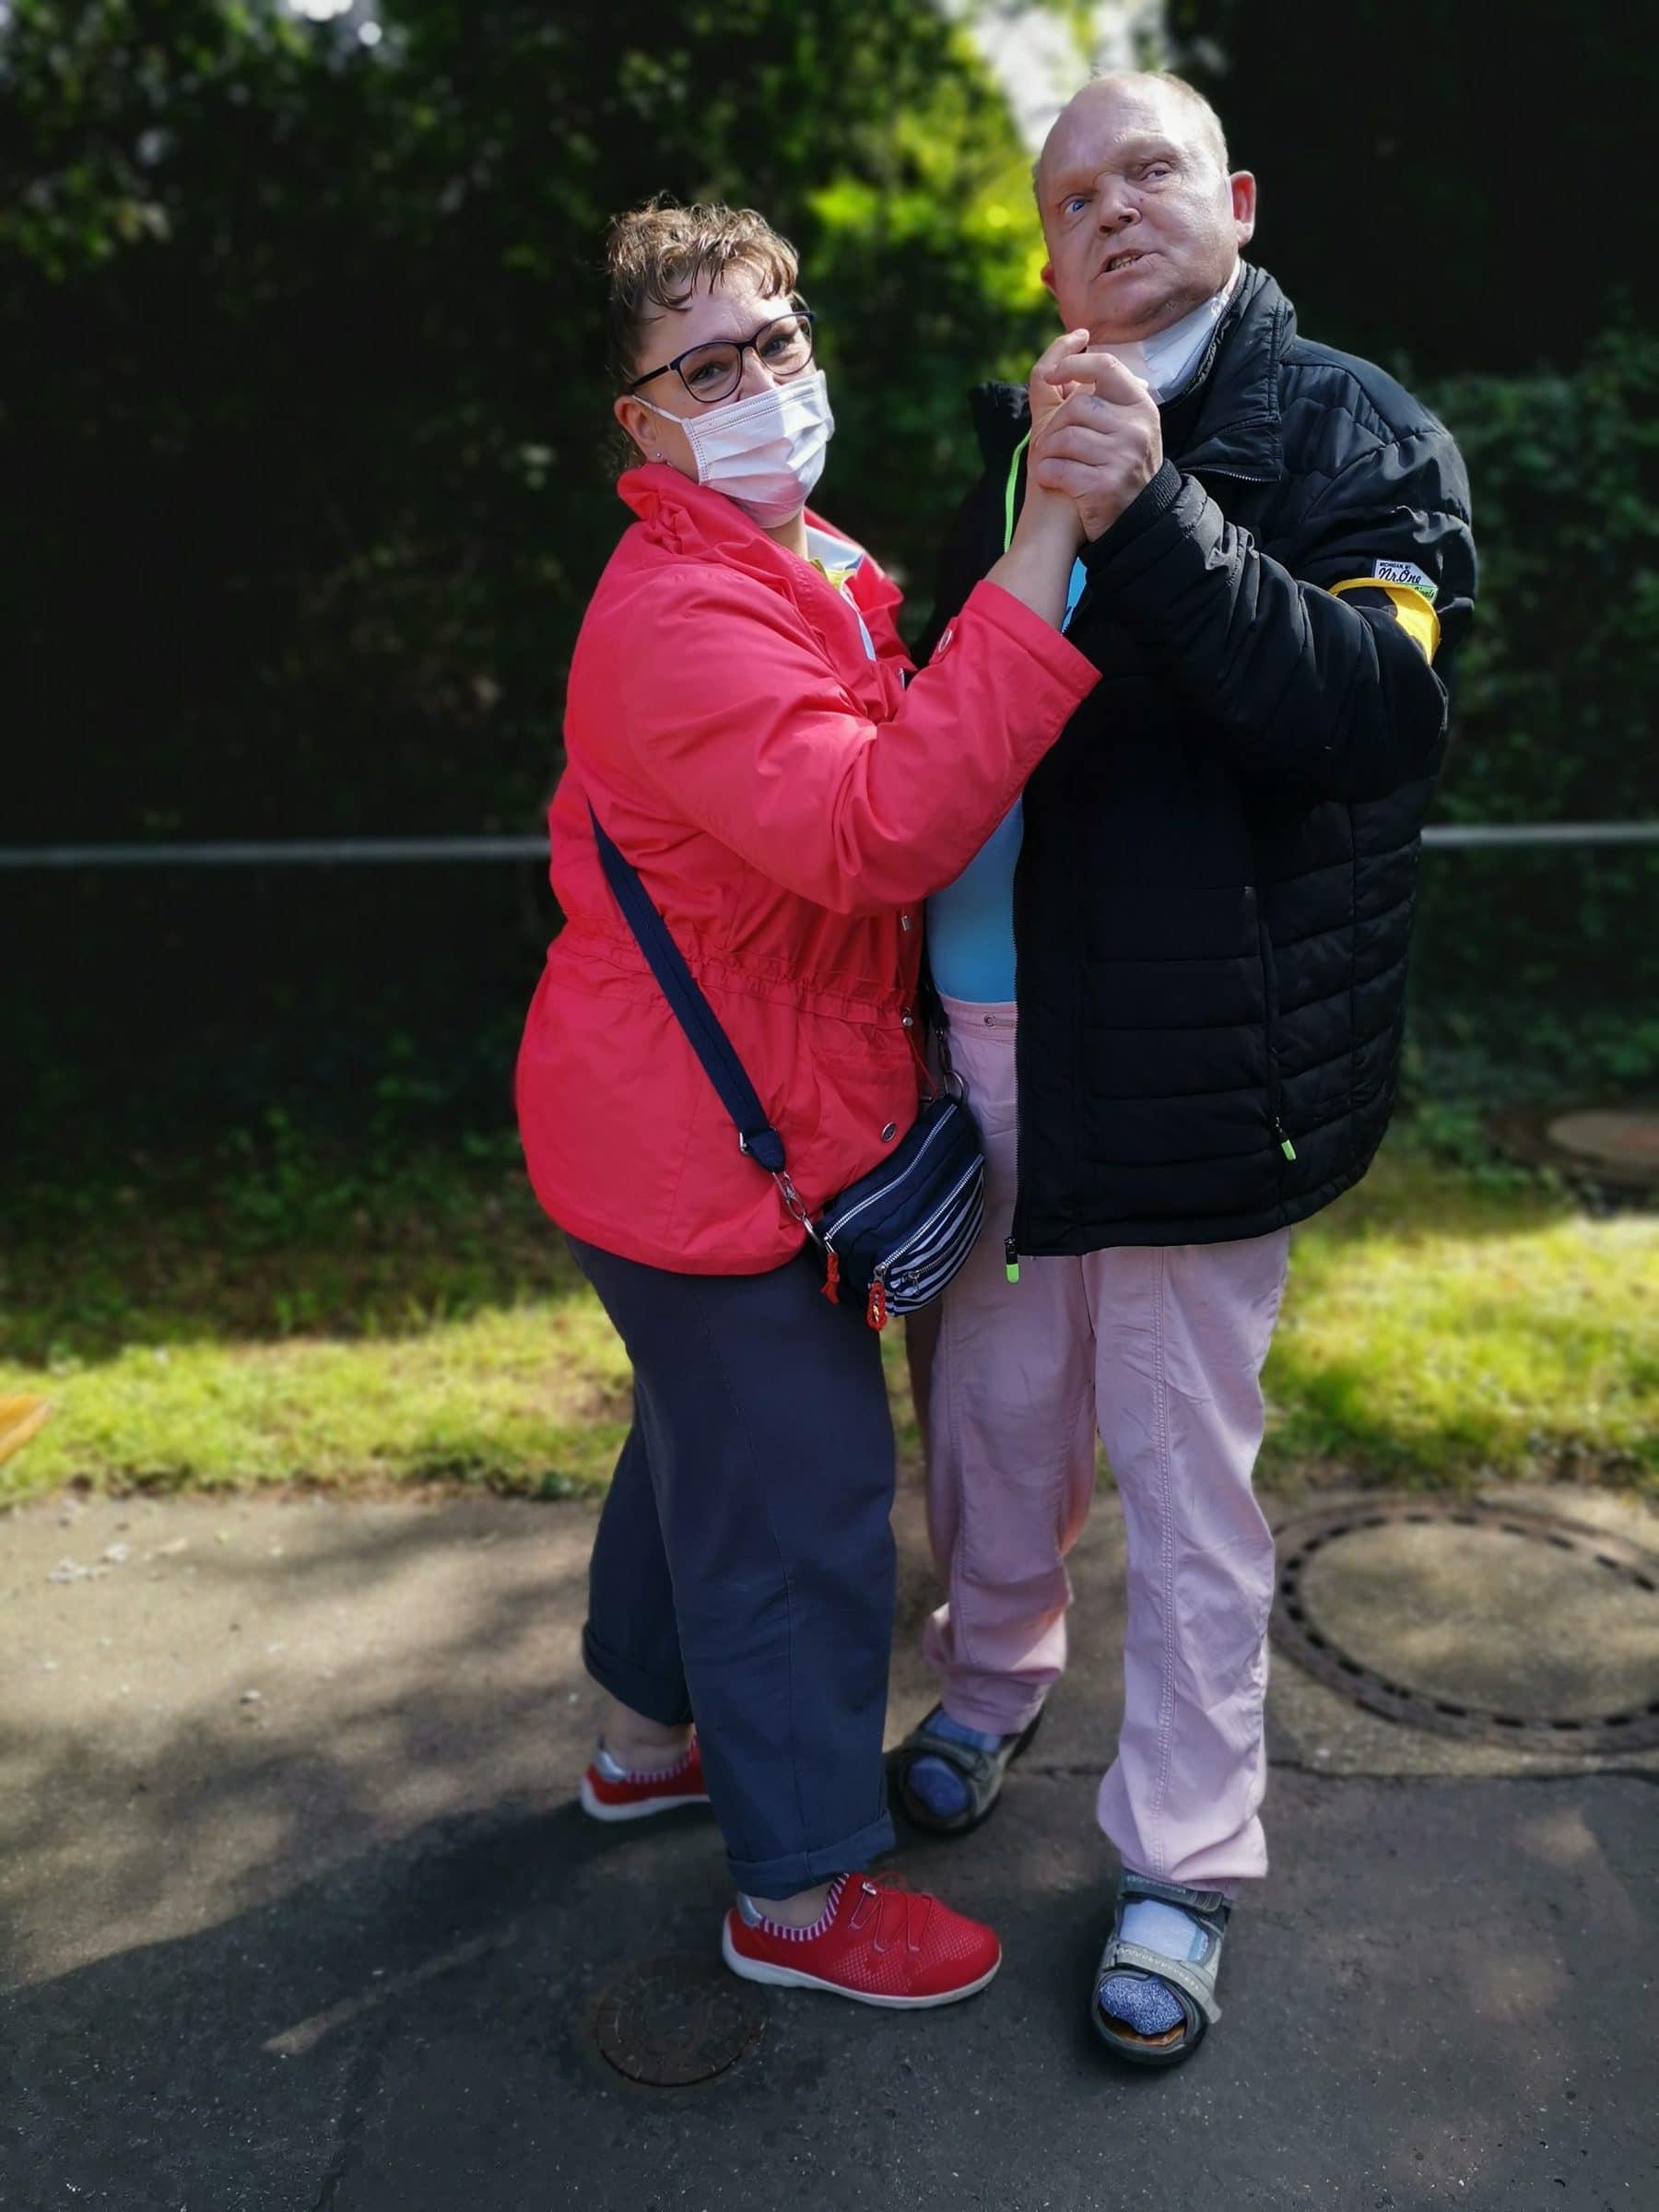 Eine Frau und ein Mann mit Sehbehinderung tanzen draußen